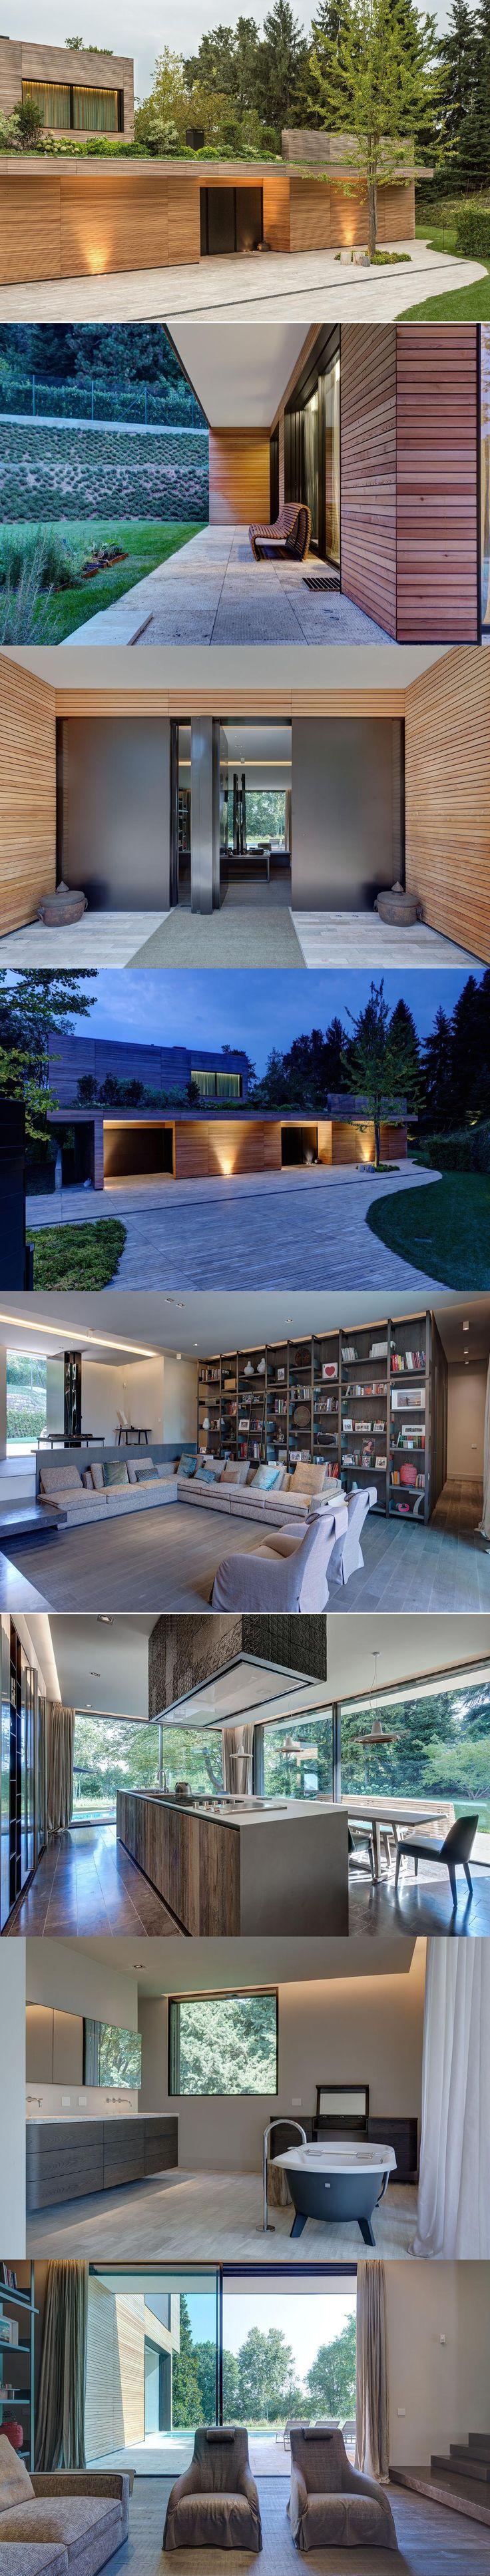 Oltre 25 fantastiche idee su progetto in legno su - Progetto casa design ...